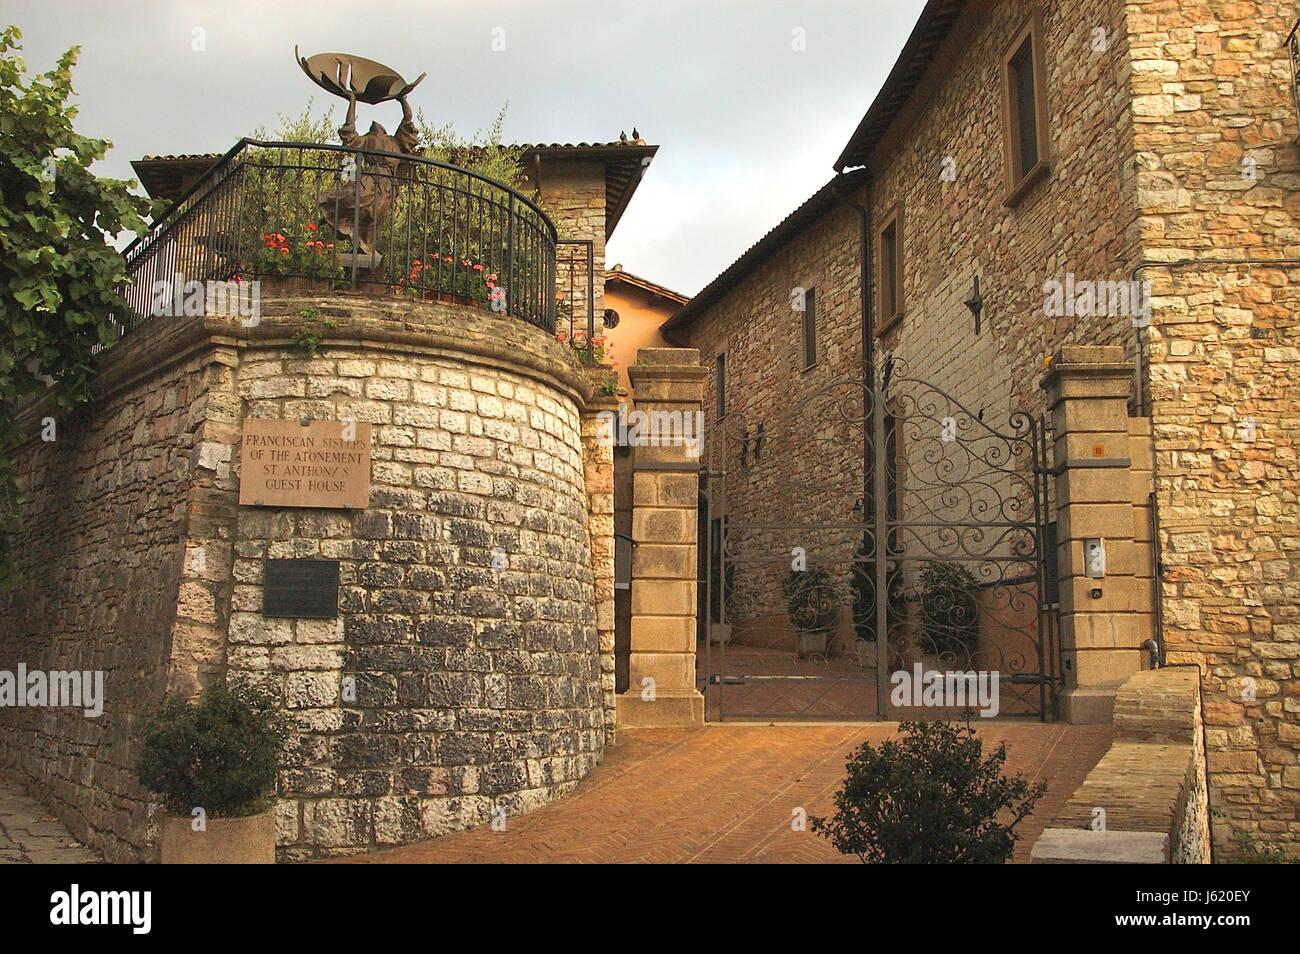 Wohnhaus Bauen haus haus wohnhaus wohnhaus bauen kloster steinhaus stockfoto bild